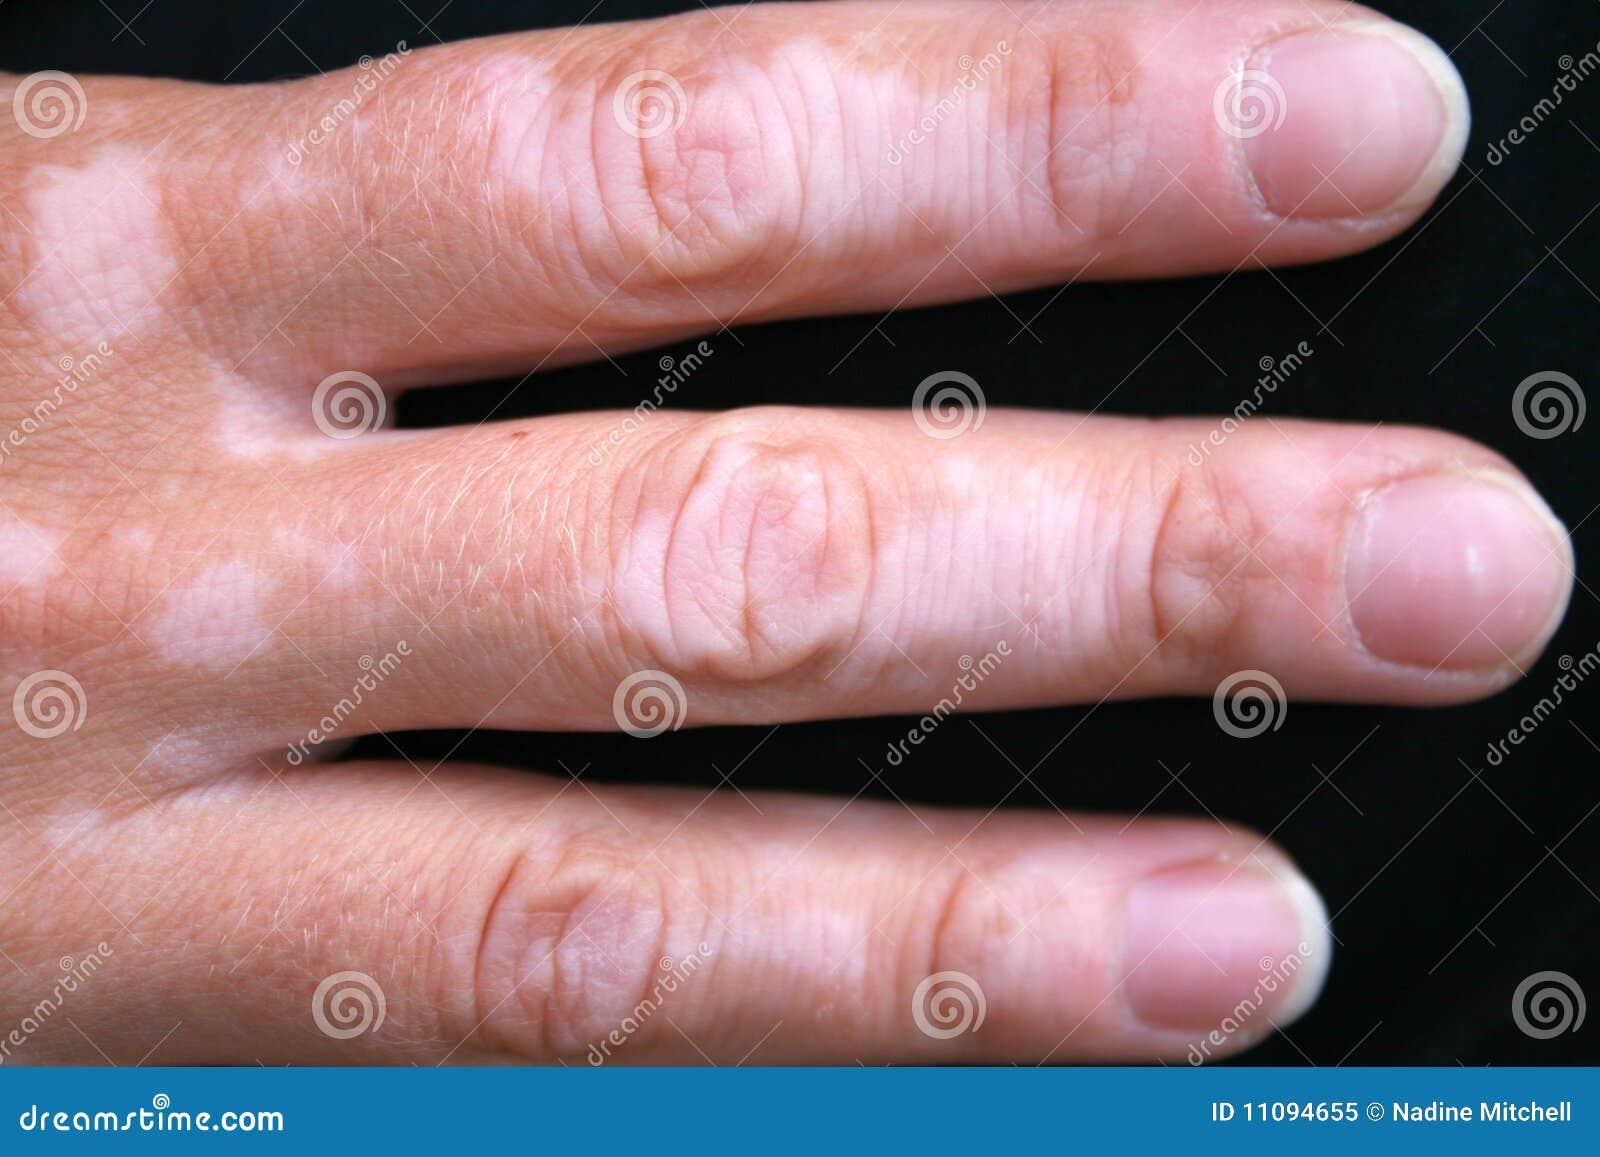 fotos de piel con vitiligo